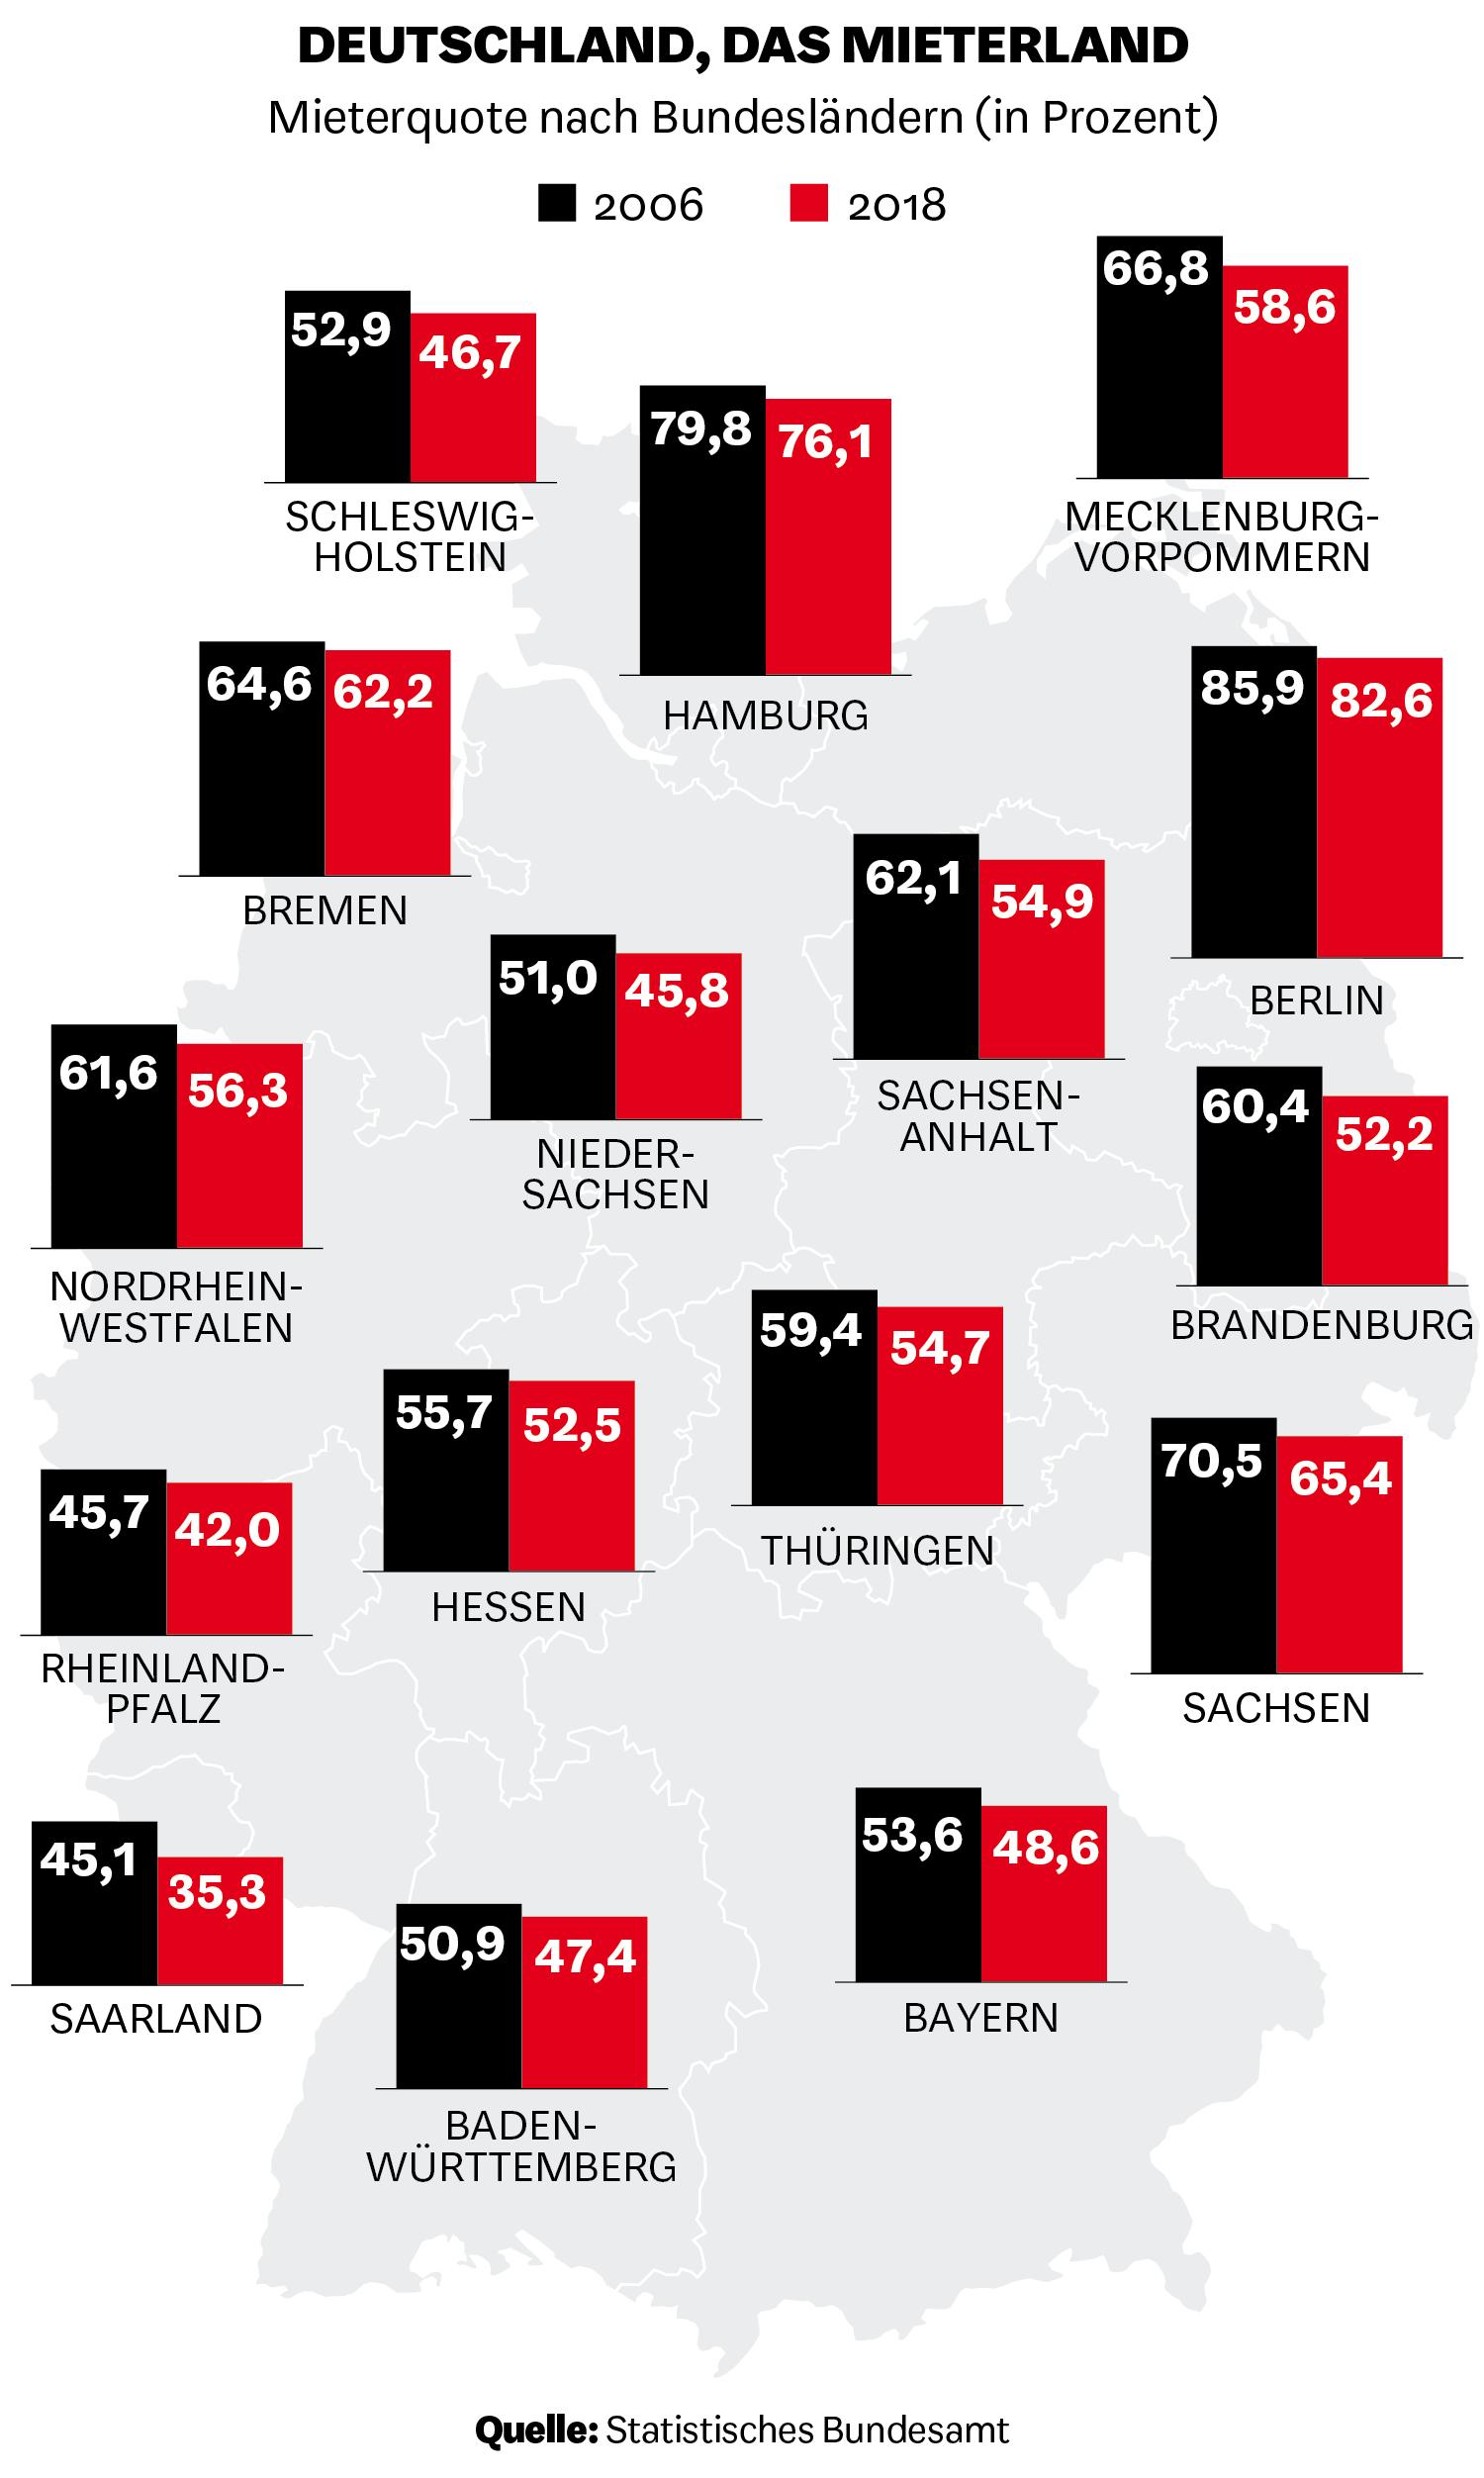 Mieterquote nach Bundesländern